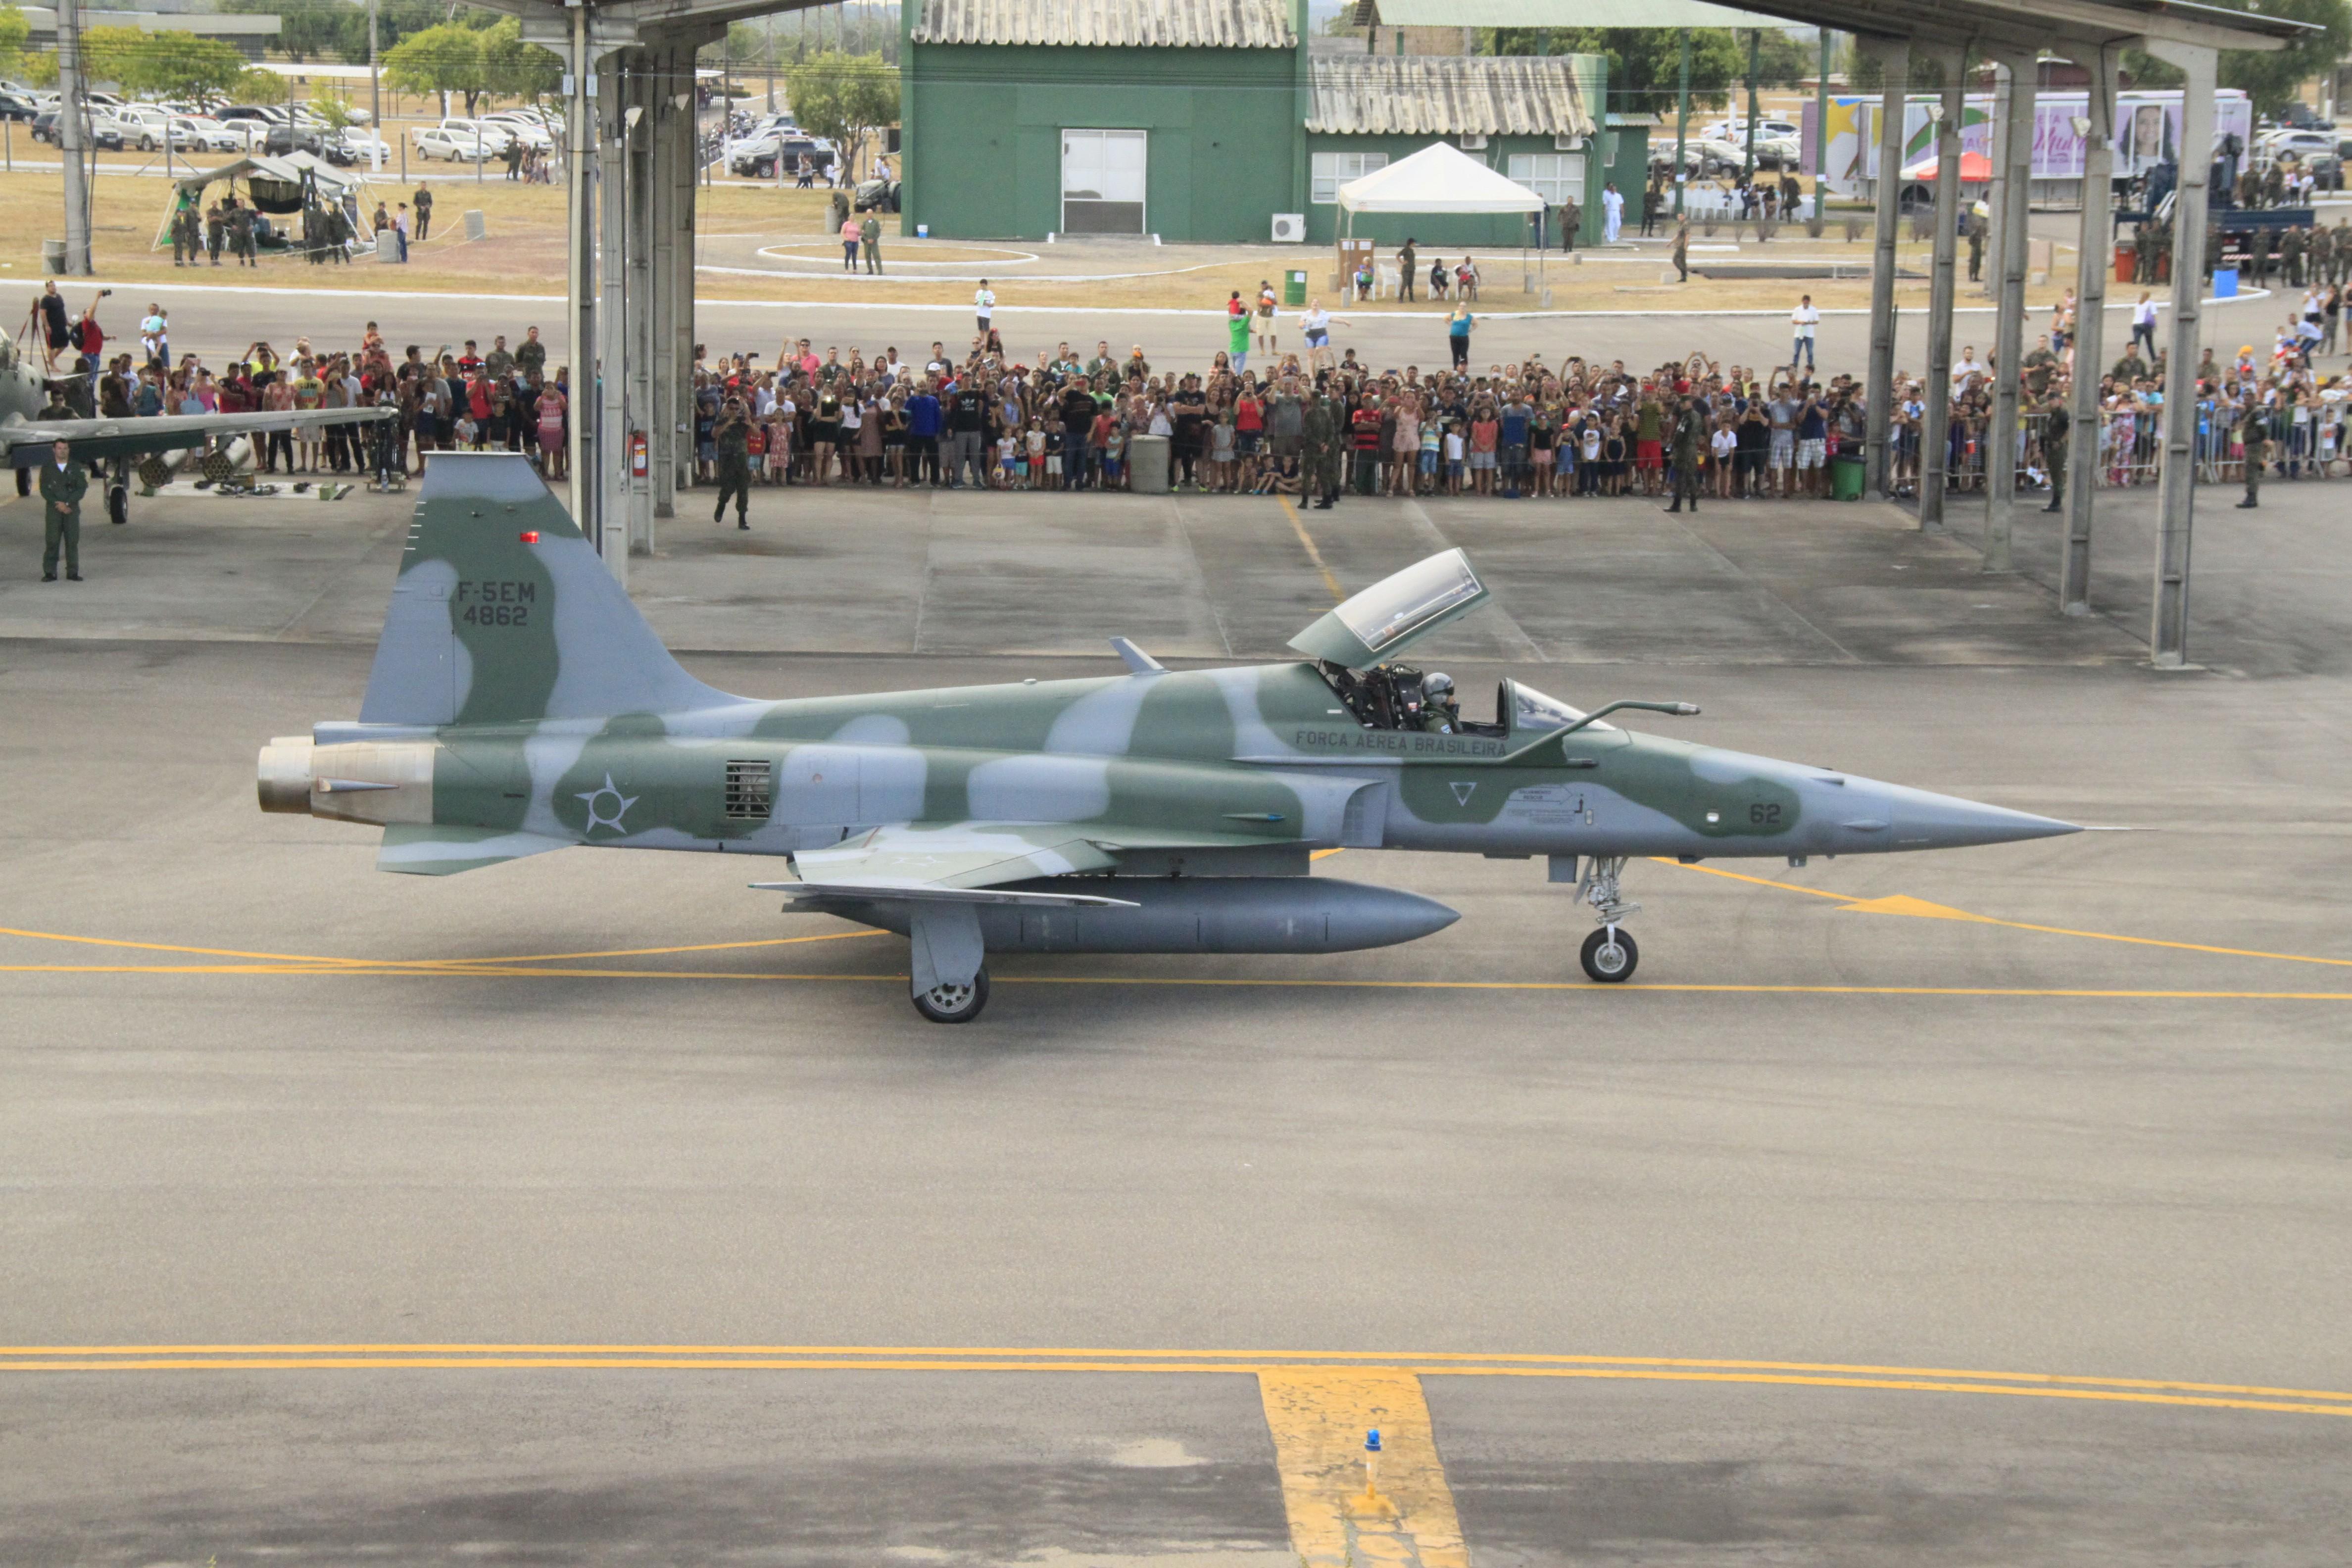 'Portões abertos' da FAB terá voos panorâmicos e exposições em Boa Vista - Notícias - Plantão Diário